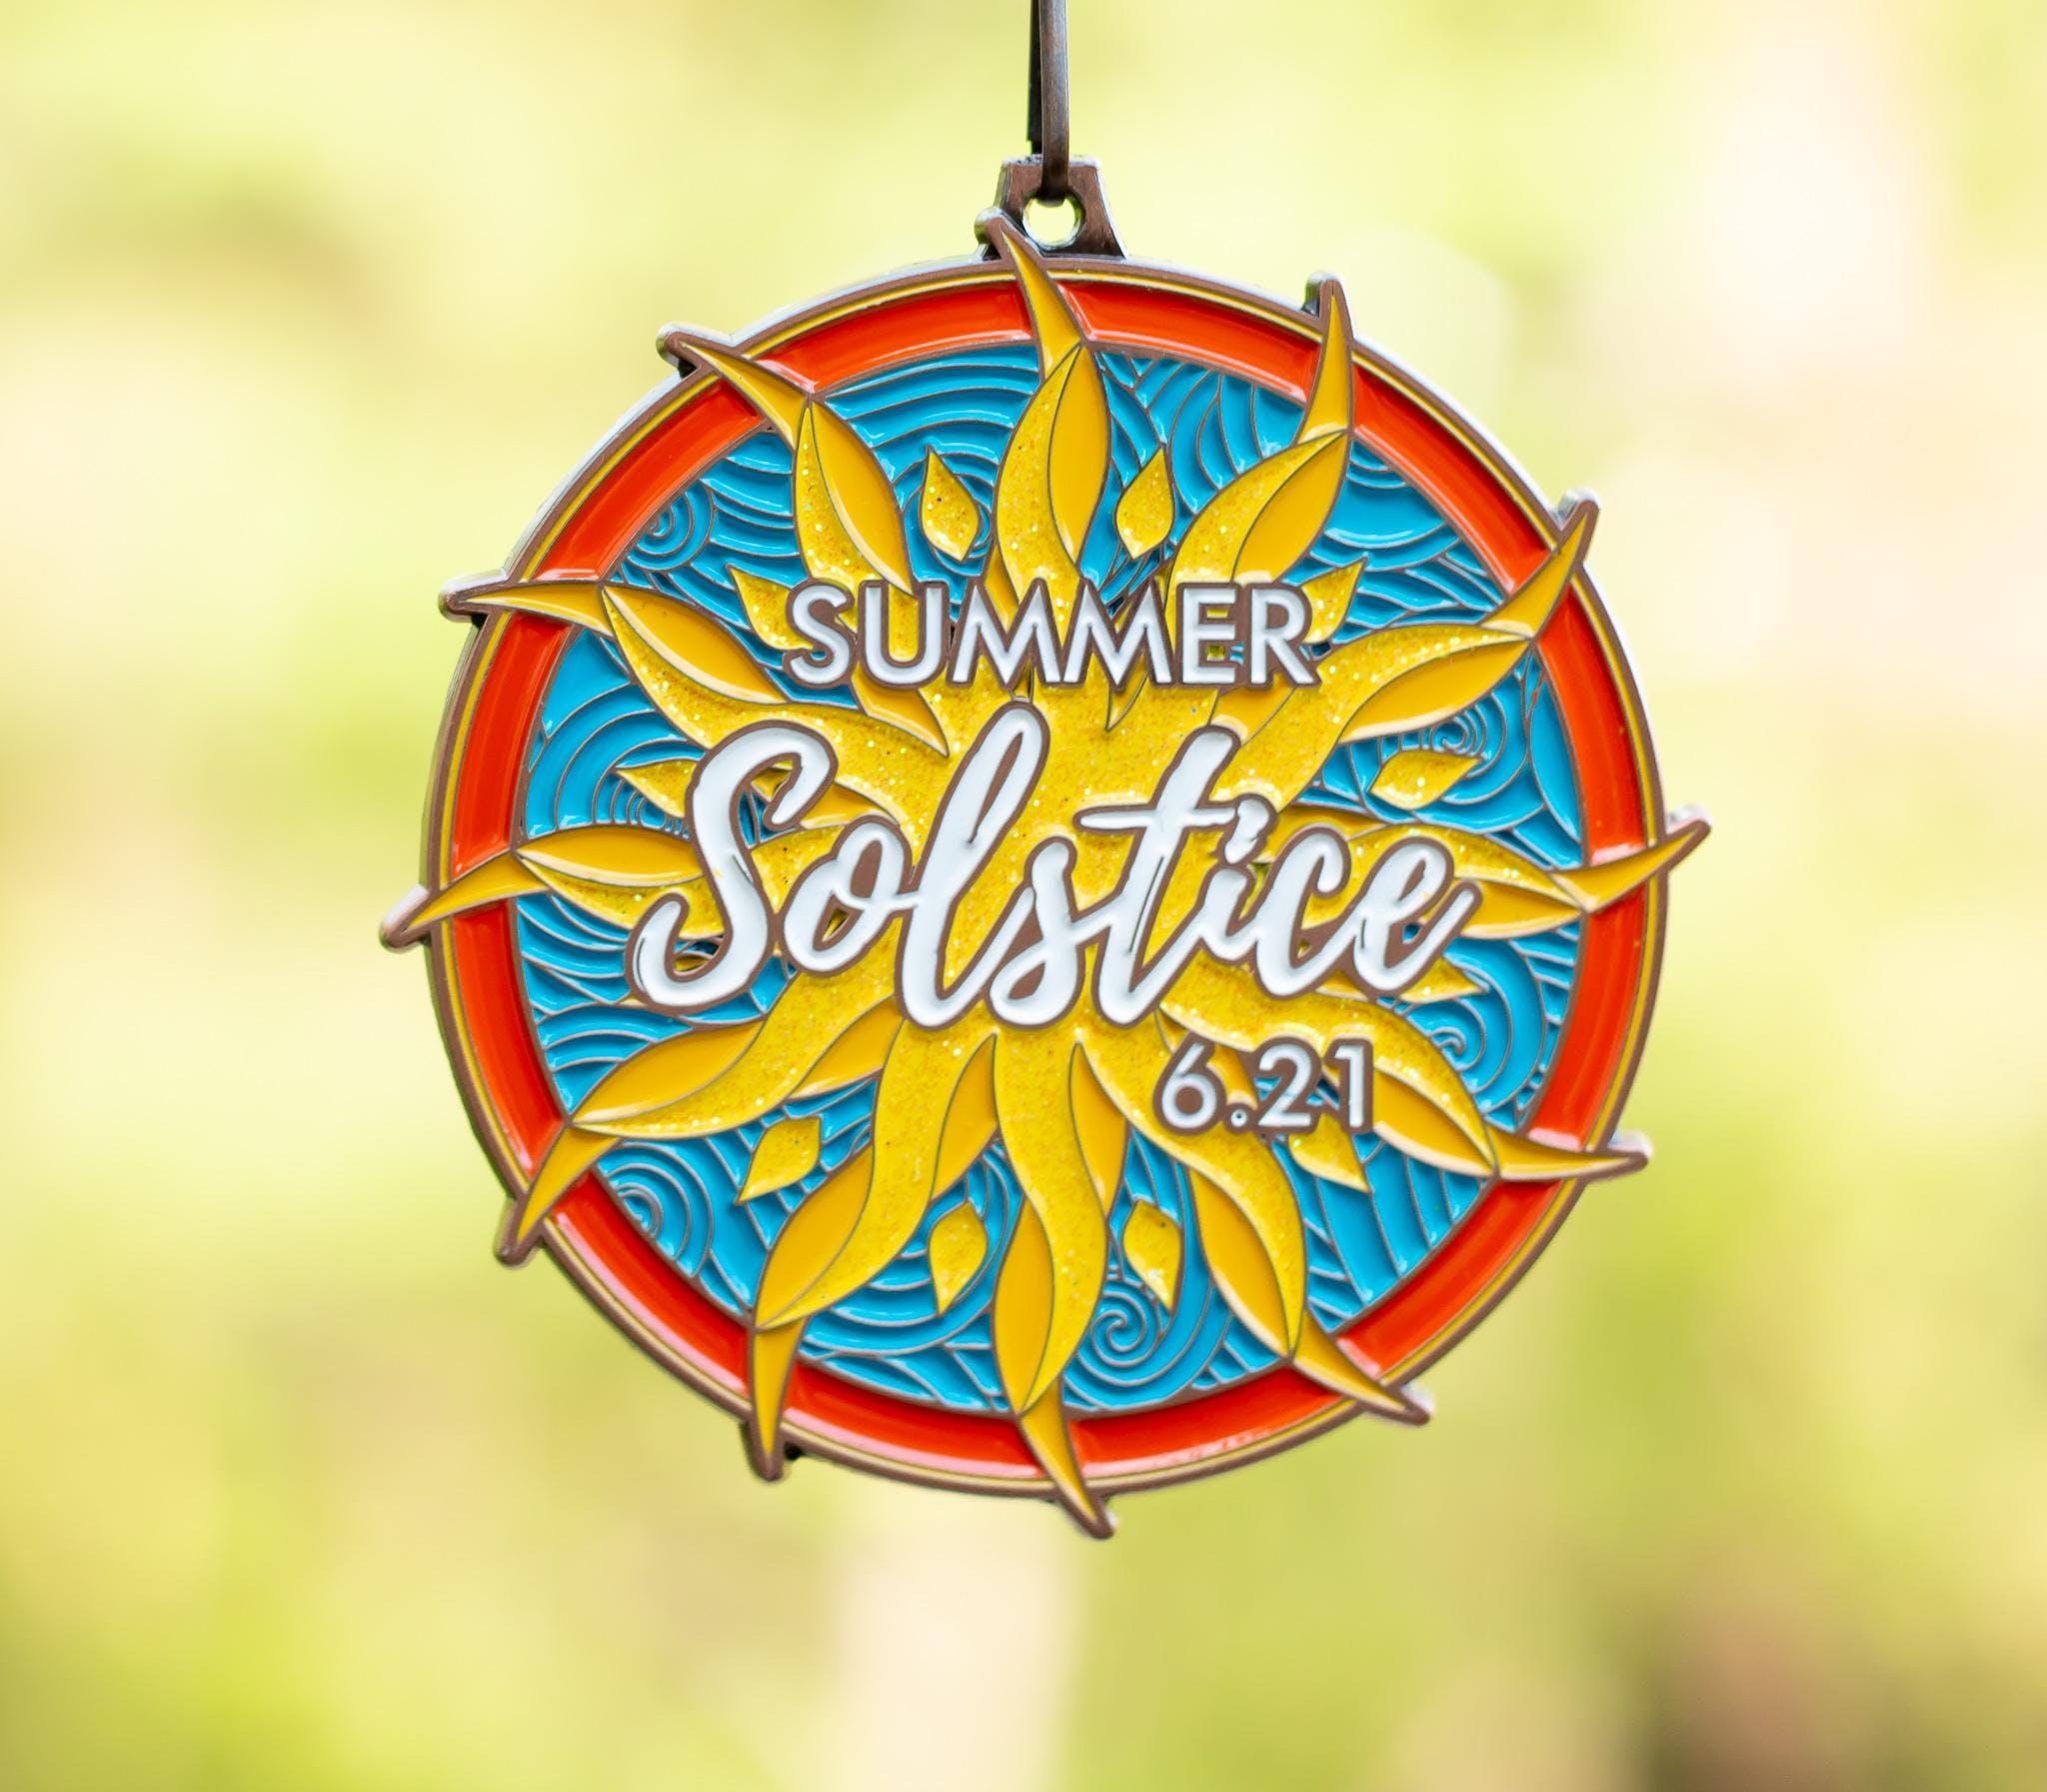 Now Only $10! - Summer Solstice 6.21 Mile -Winston-Salem